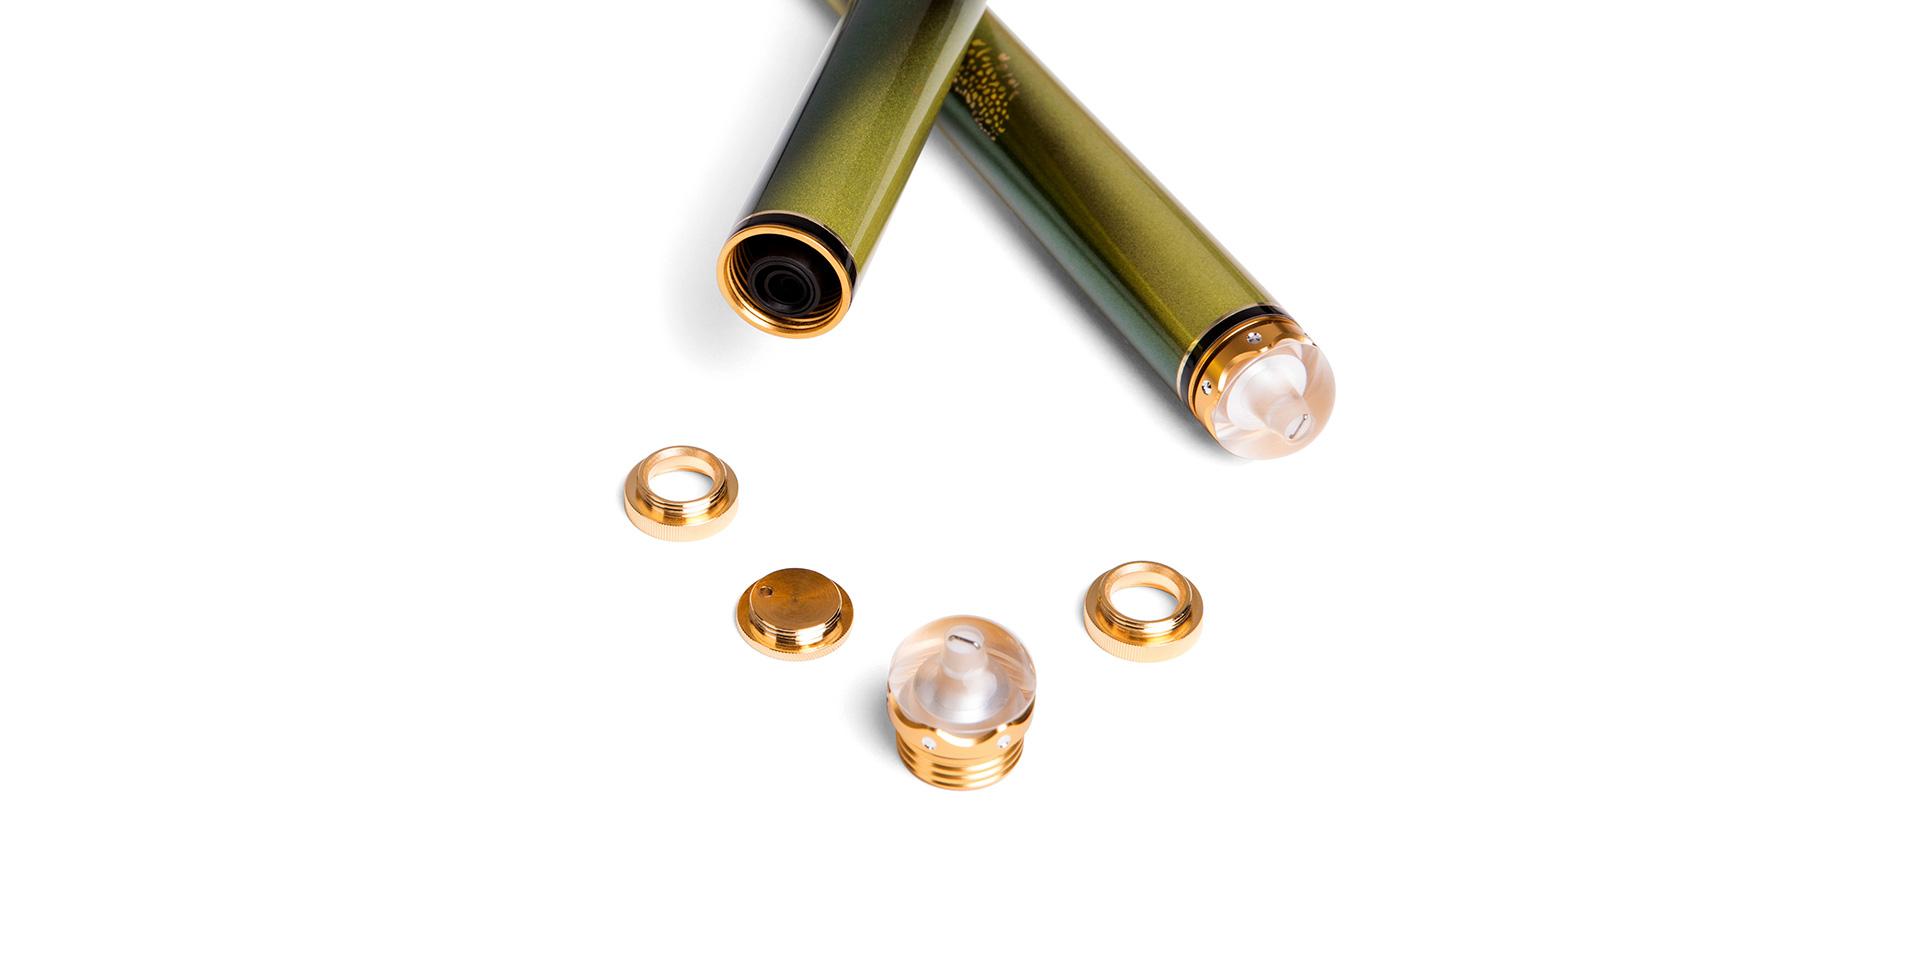 多魔・HK5的合金嵌钻工艺水晶后堵可360°旋转隐藏失手环(此项已获得国家专利保护),并装配可卸式纯金属配重件可随心所欲调节重心。